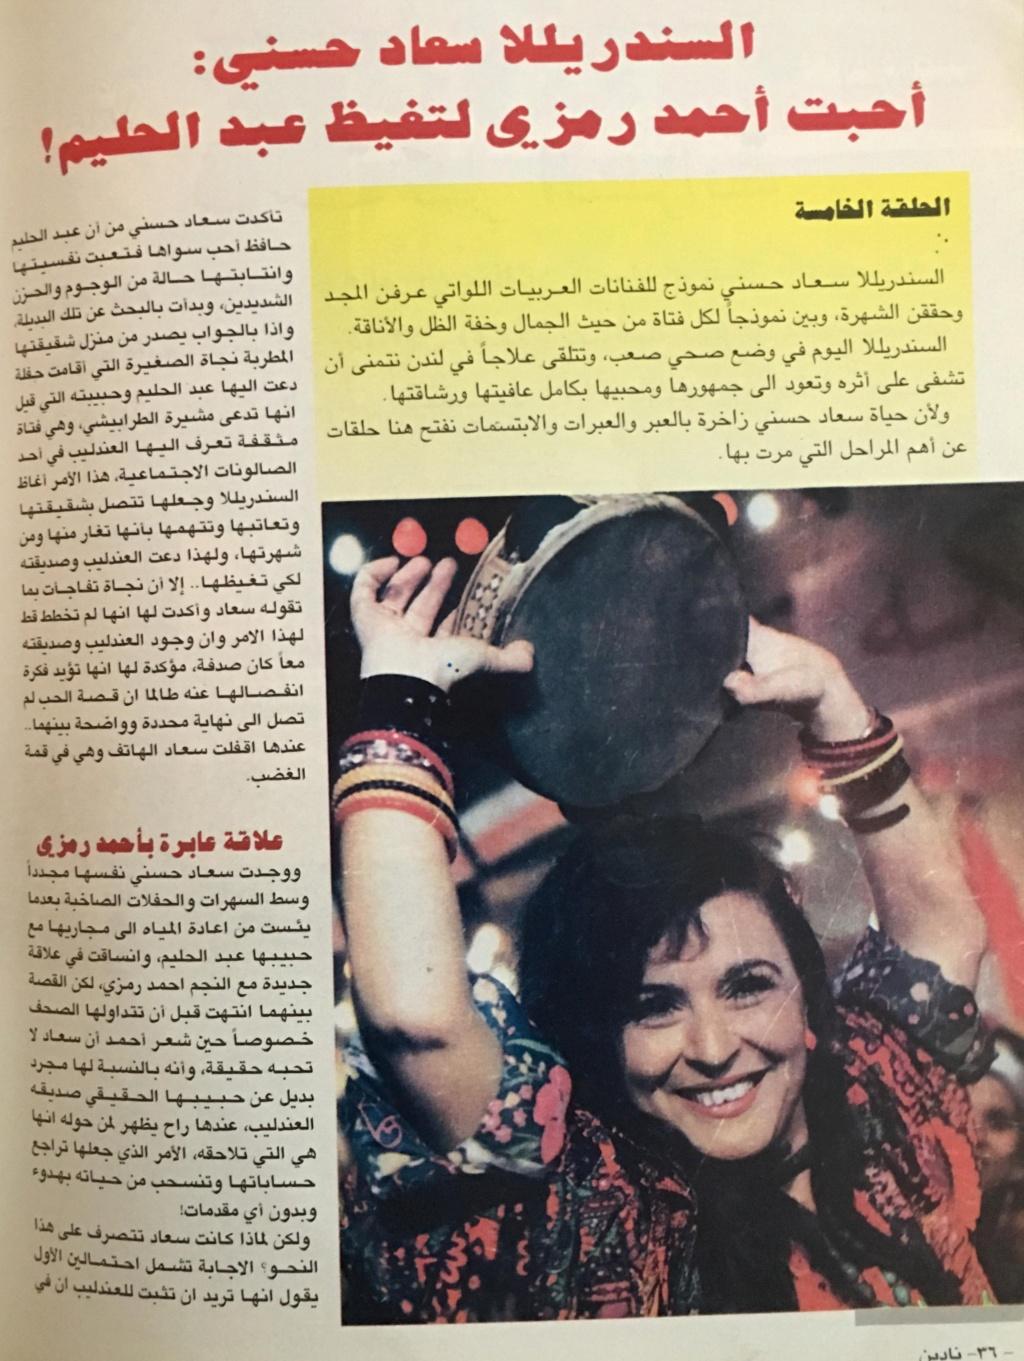 مقال صحفي : السندريلا سعاد حسني .. أحبت أحمد رمزي لتغيظ عبدالحليم ! 1996 م (؟) 144